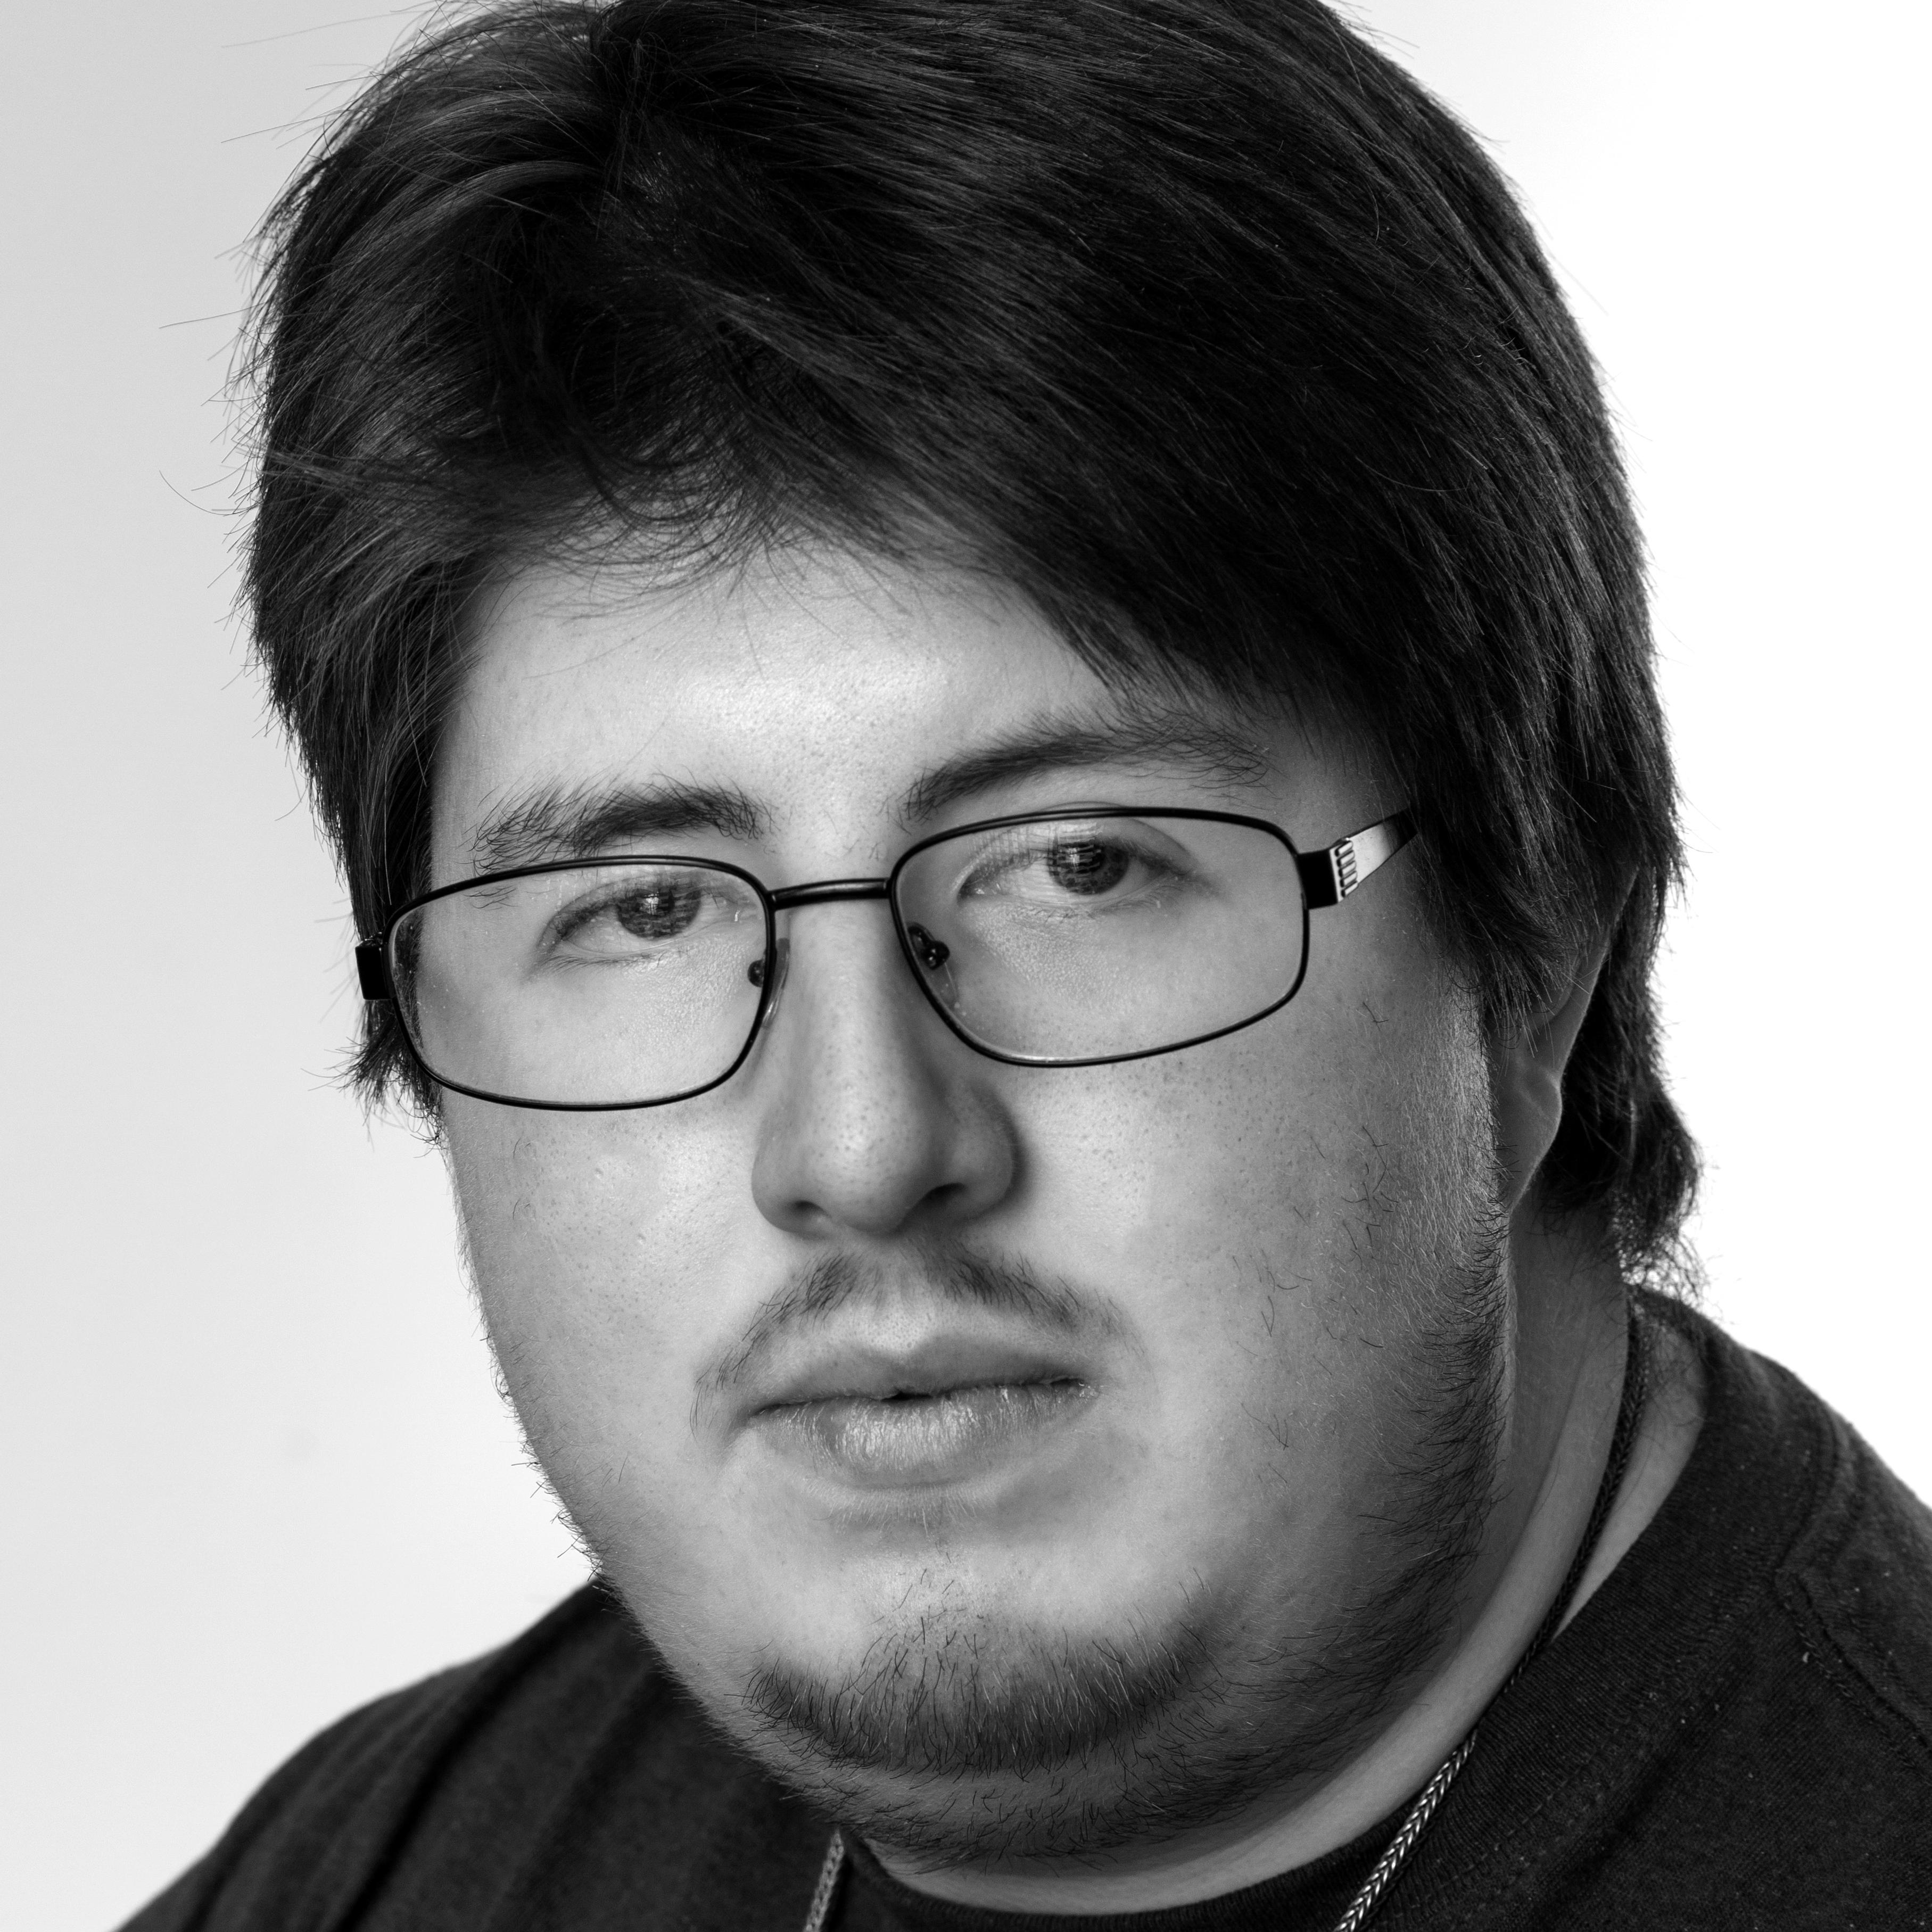 Aaron Goldstein